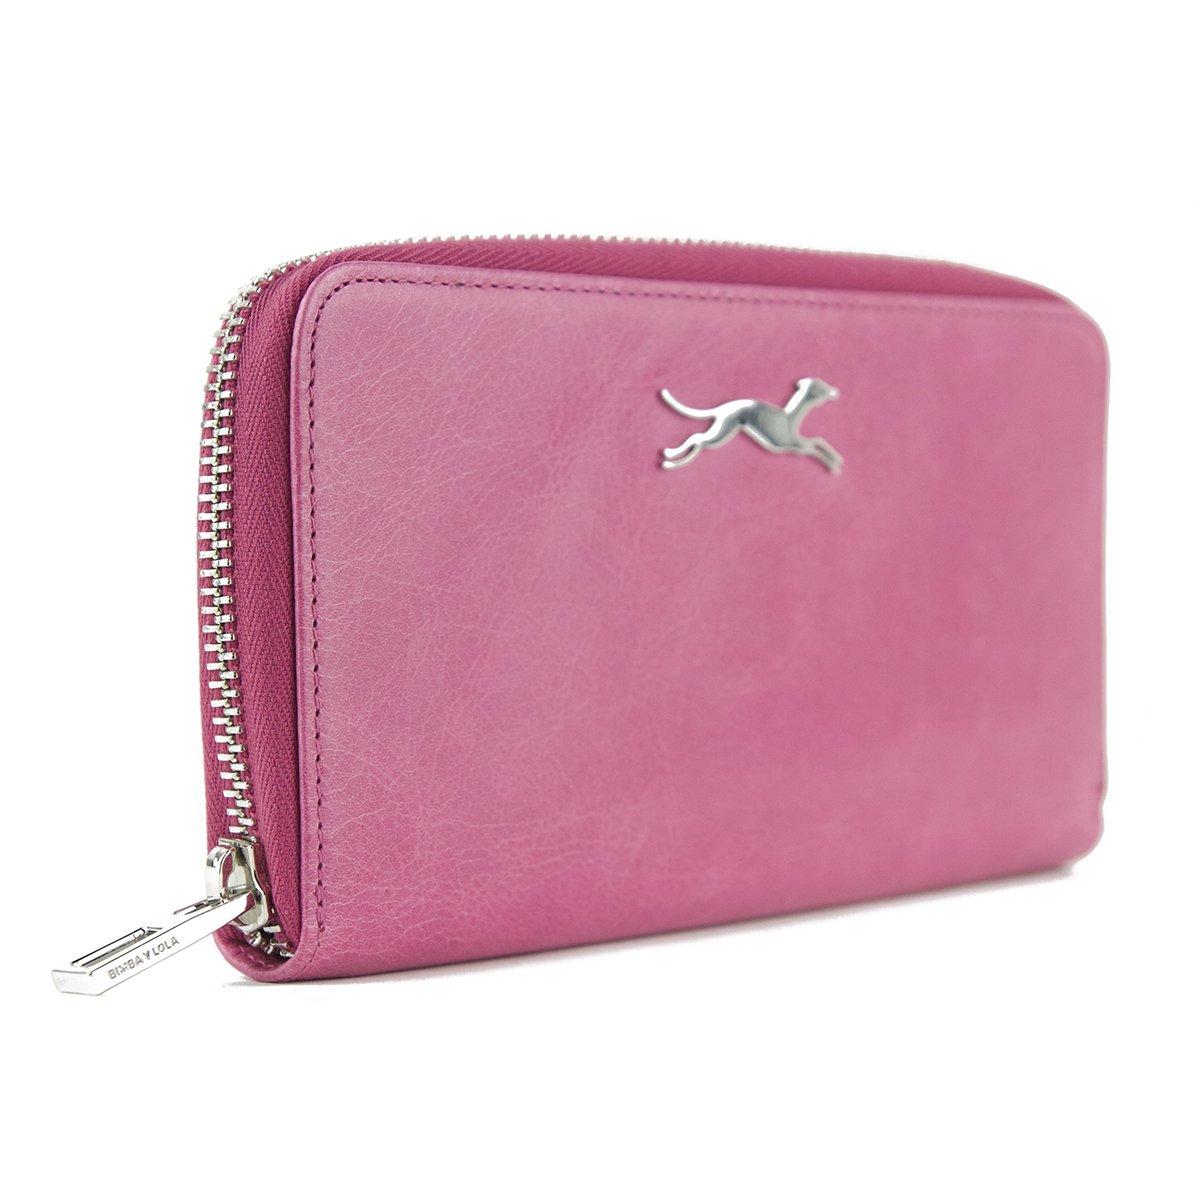 Bimba & Lola - Cartera para mujer, color rosa: Amazon.es: Zapatos y complementos